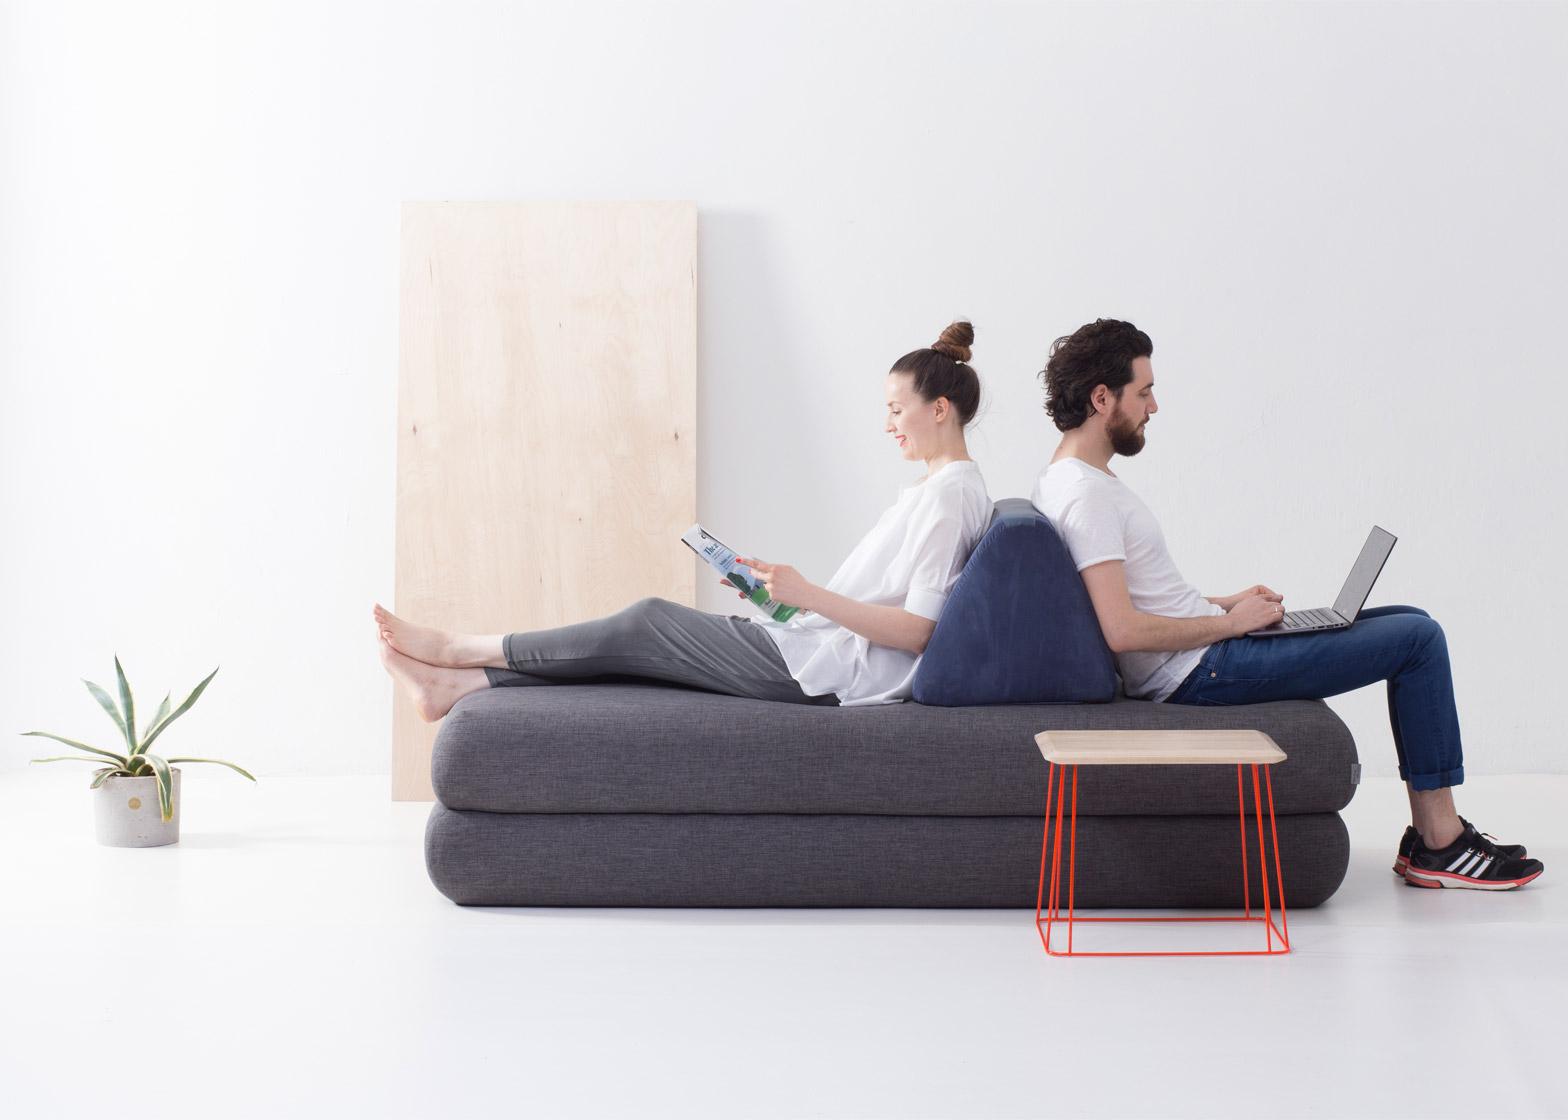 Urban Nomad sofa by Hannabi